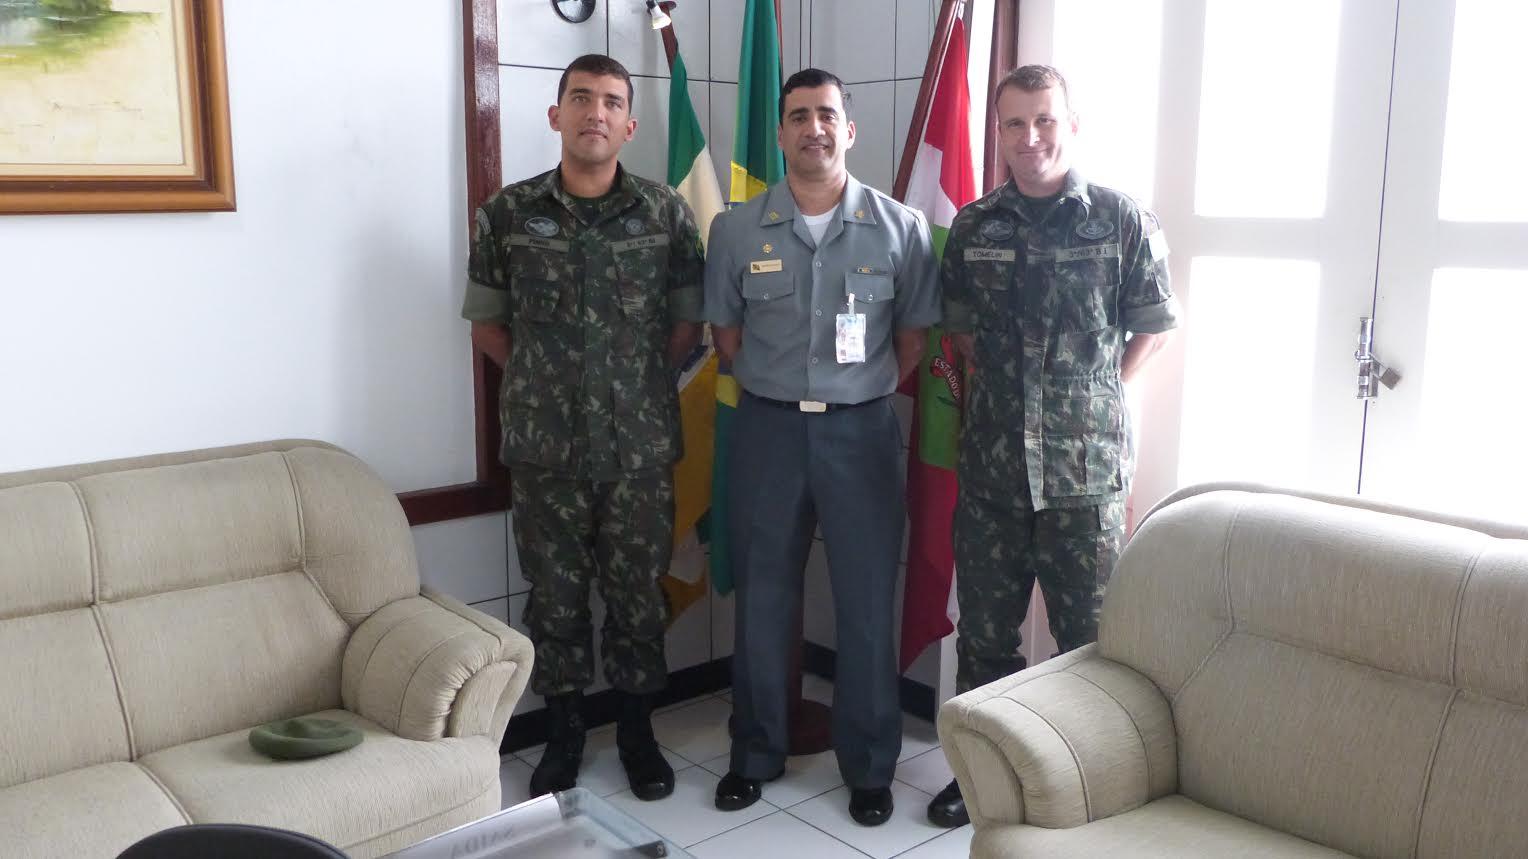 Delegacia da Capitania dos Portos em Laguna recebe Comandantes do Exército de Tubarão-SC